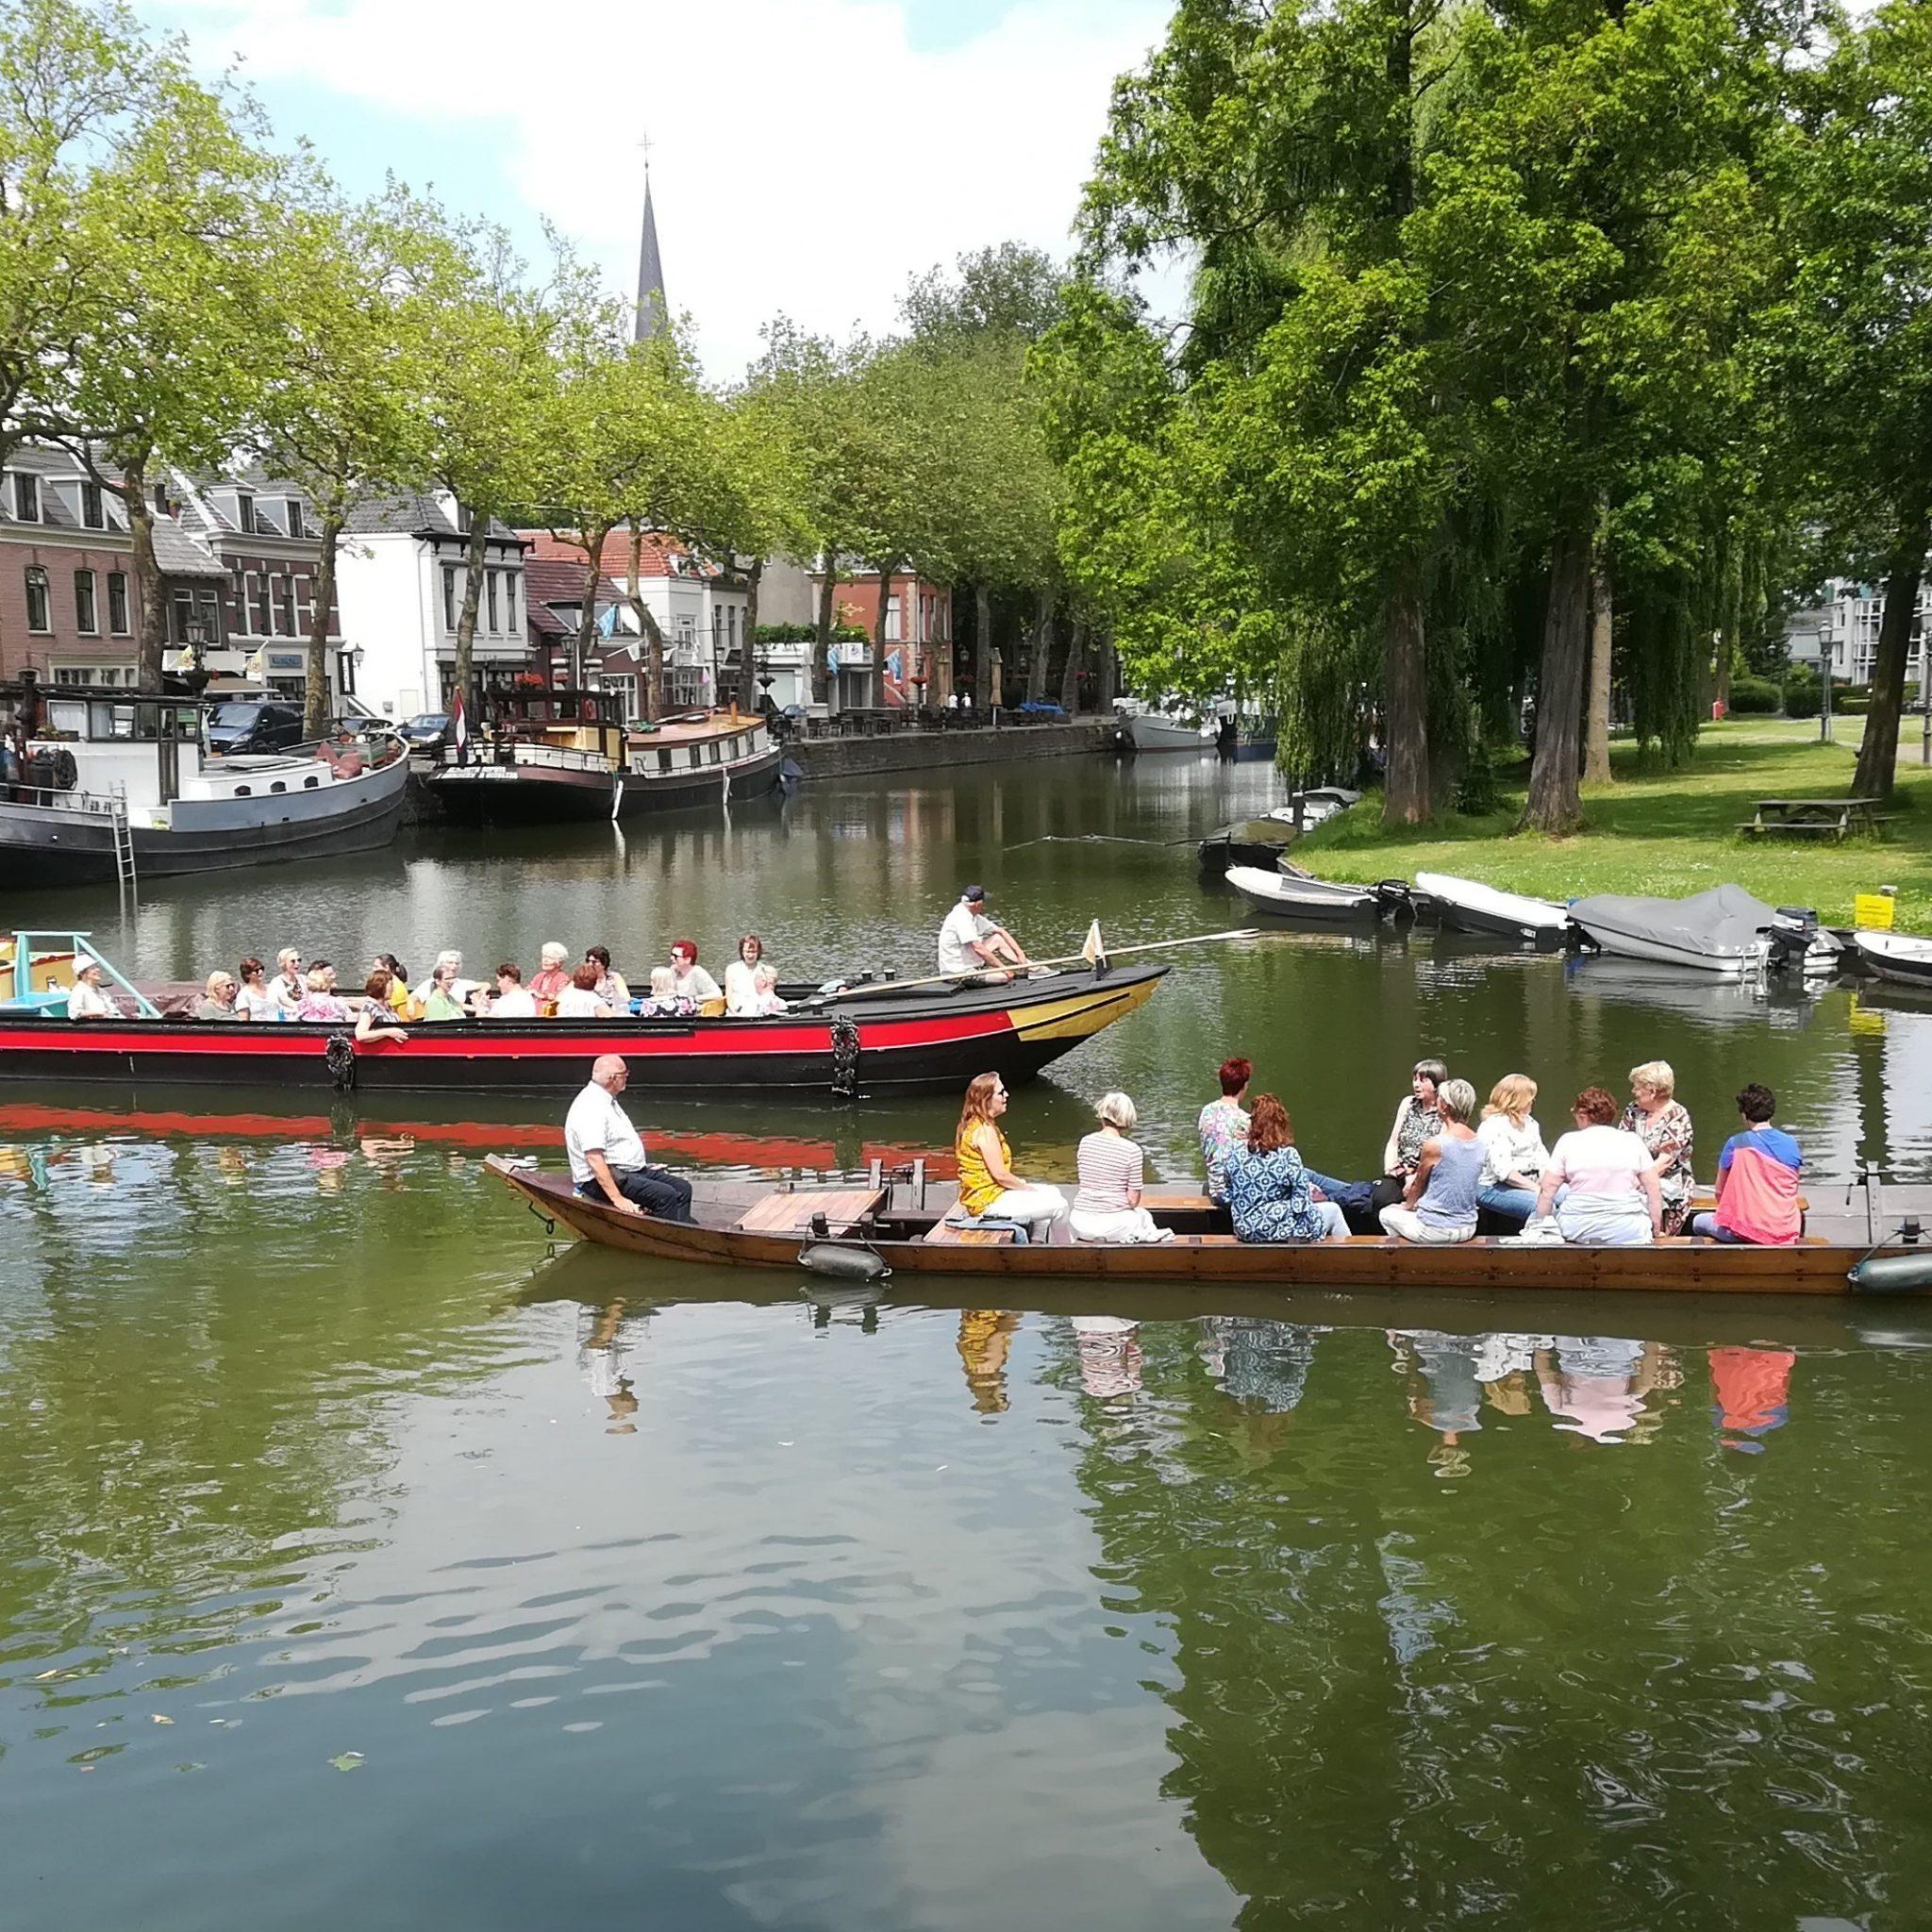 De Hoop en Vertrouwen en de Fiducia in het ouden centrum van Vreeswijk. (Foto Museumwerf Vreeswijk)